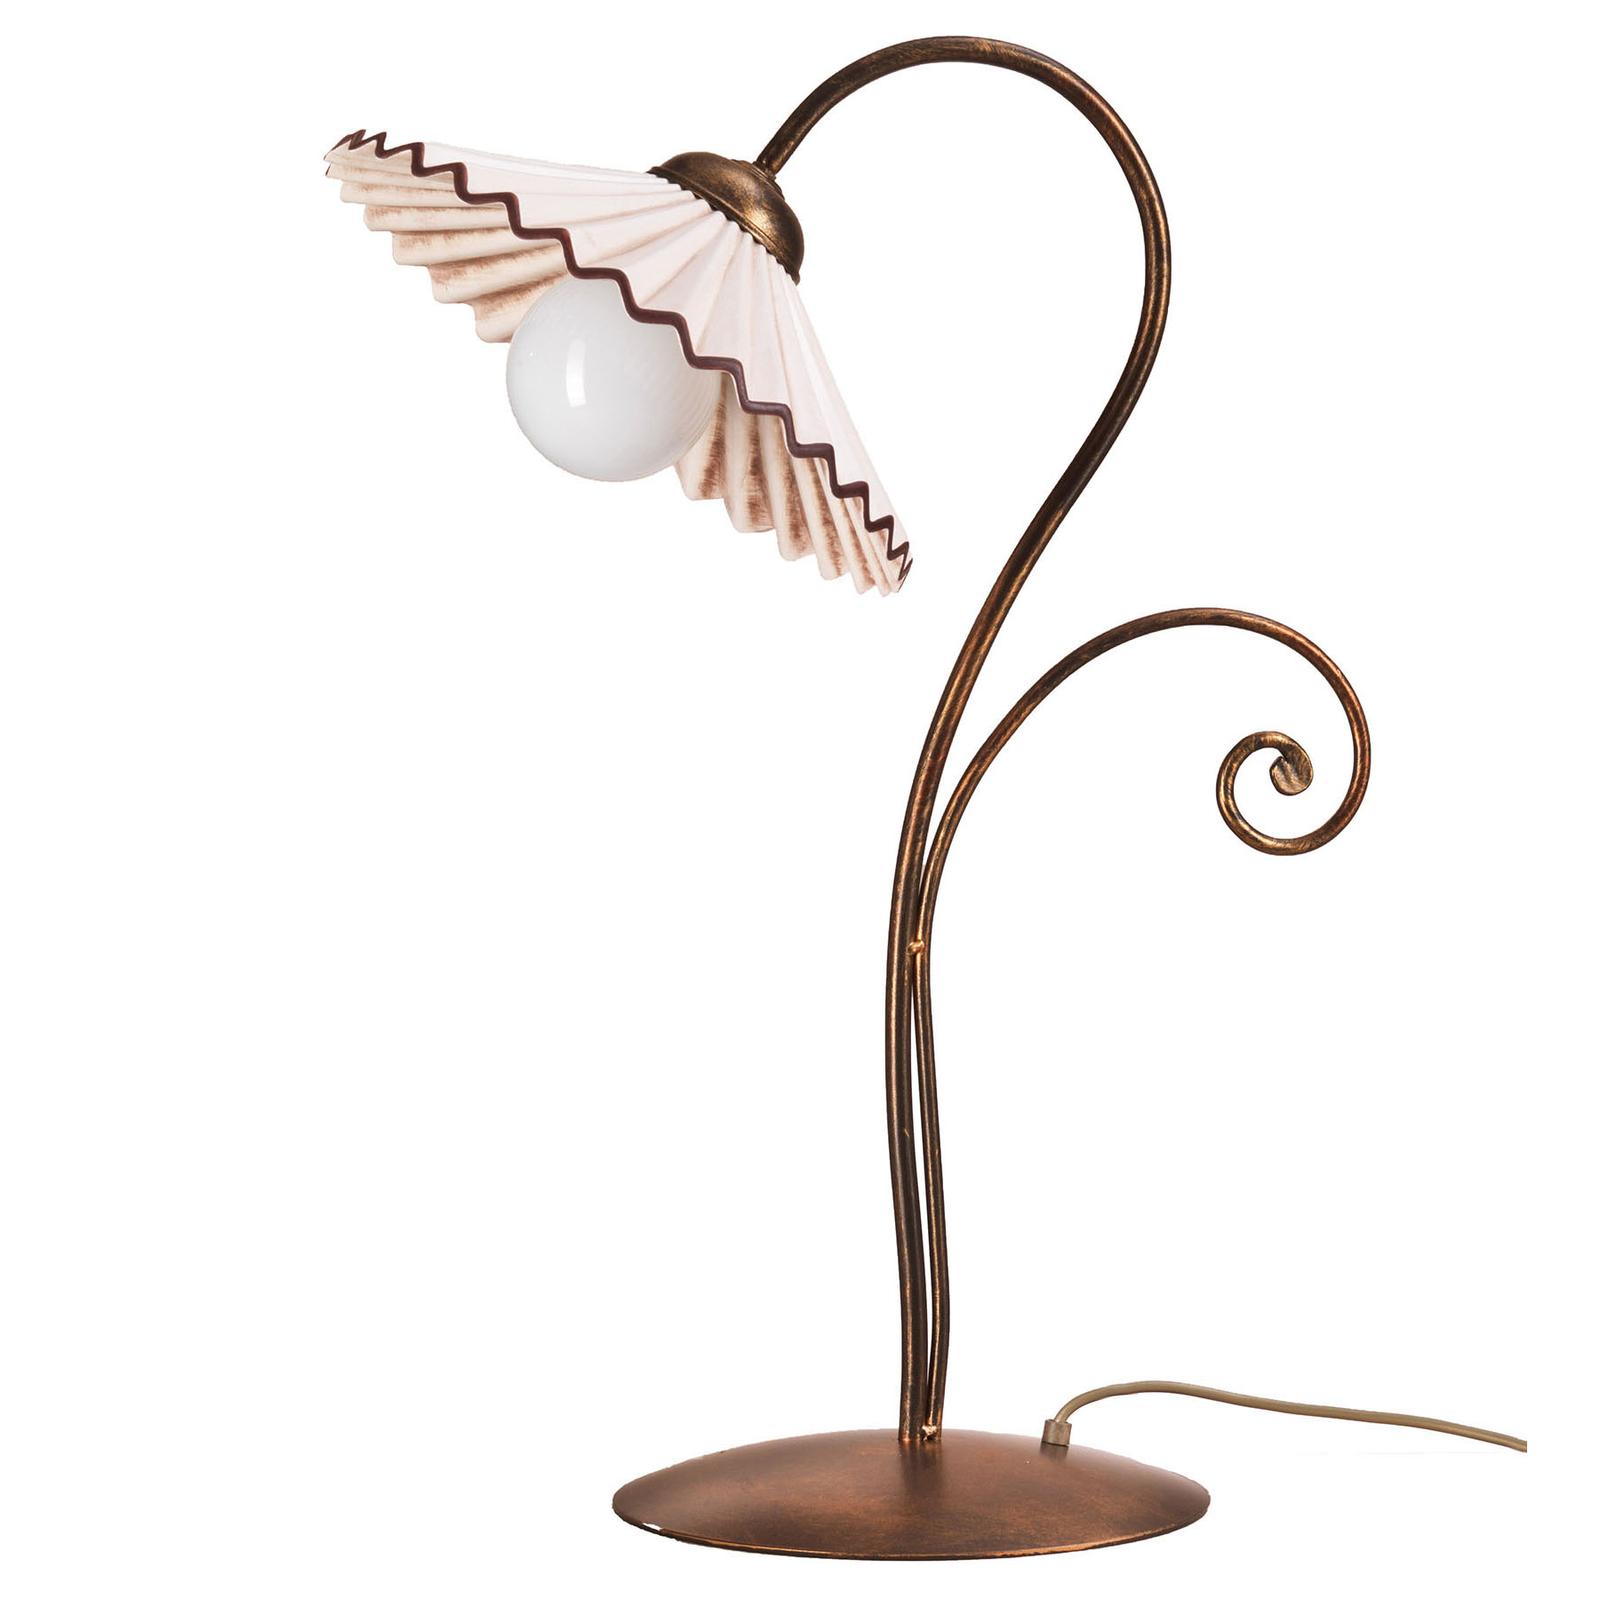 Pöytälamppu Rosina pronssisena keramiikkavarjostin